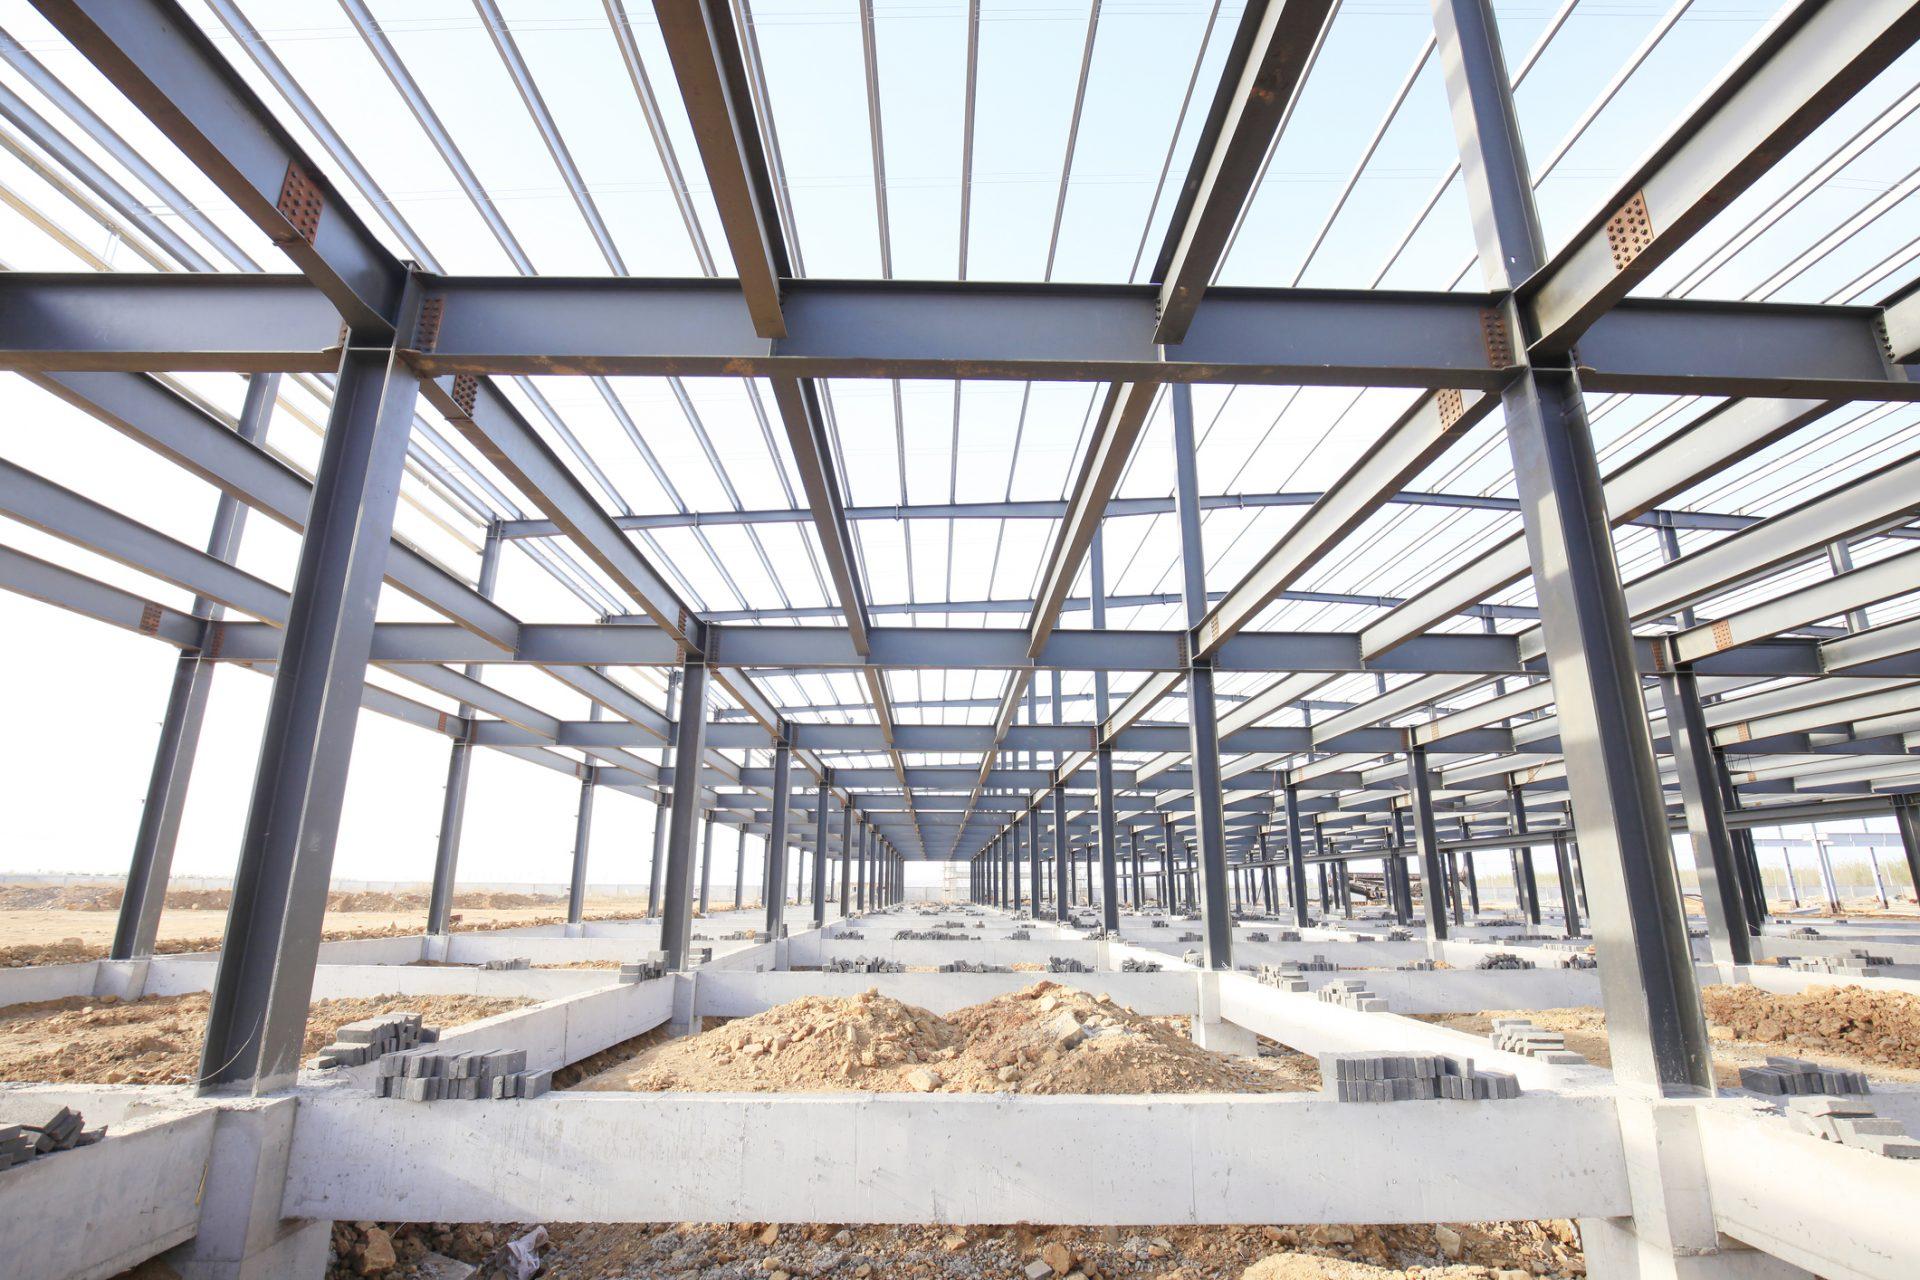 pre-fab steel framing